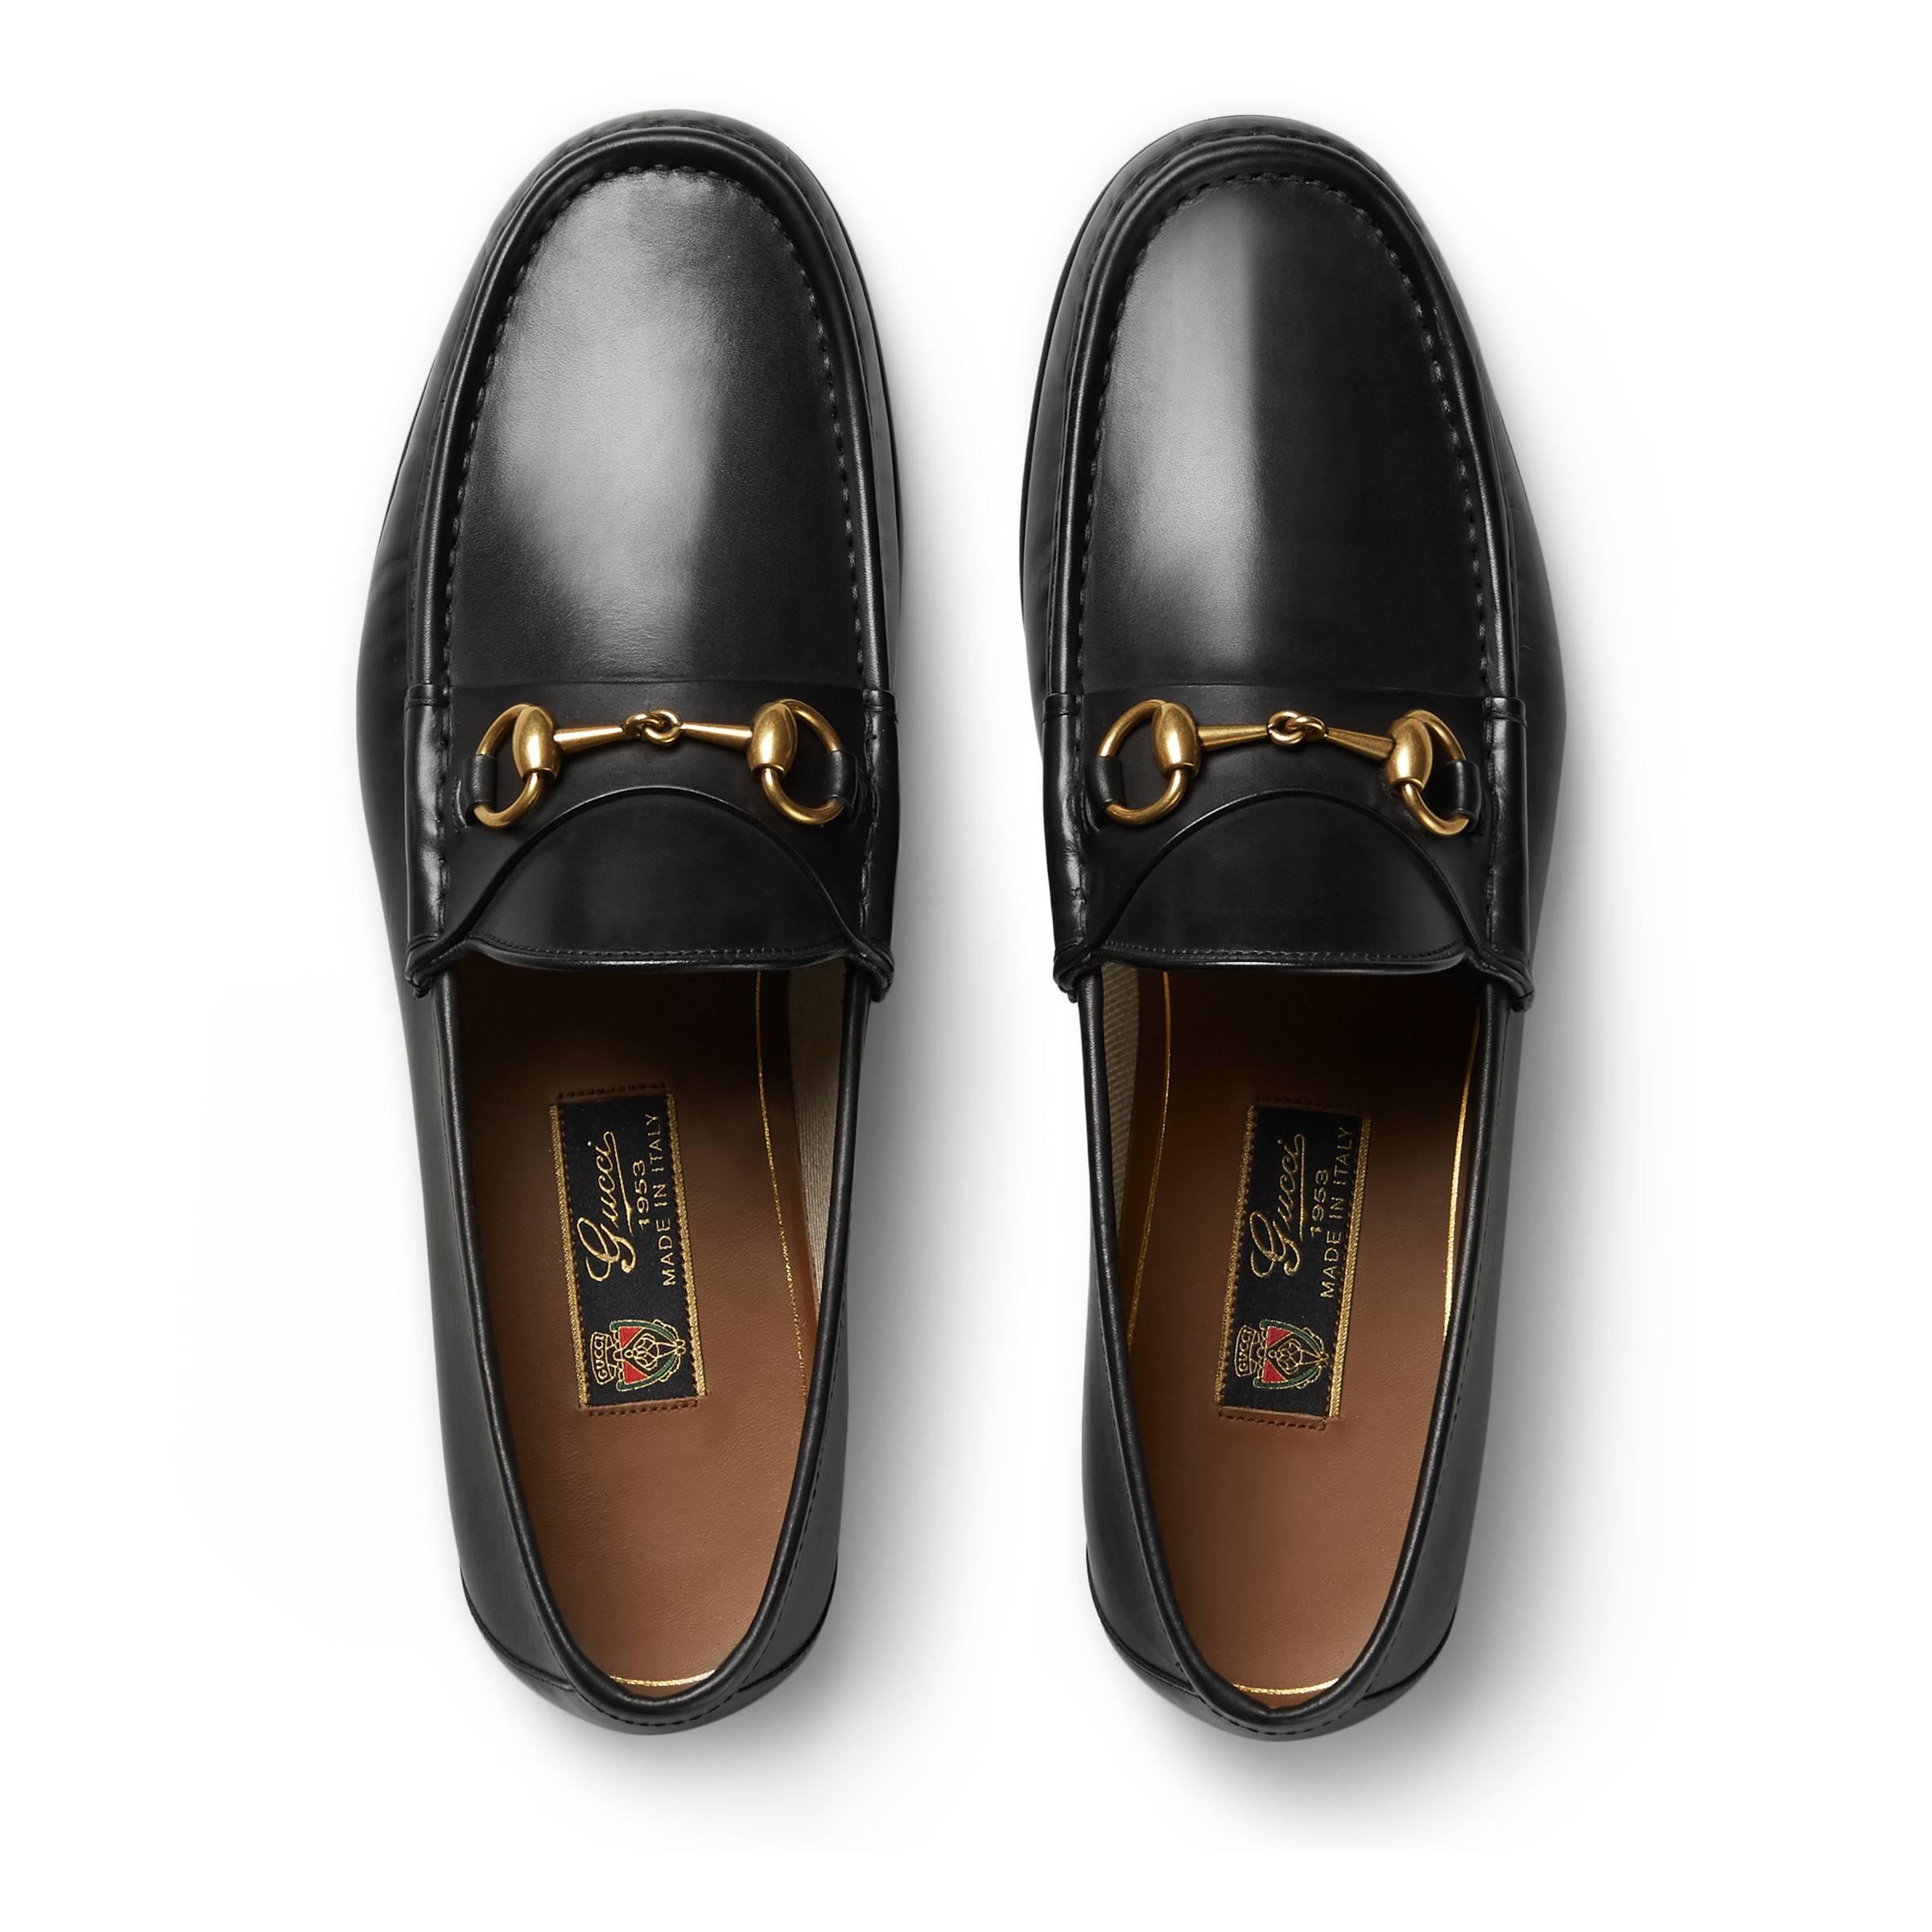 Lyst - Mocassins à mors 1953 en cuir Gucci pour homme en coloris Noir 42a5930da65